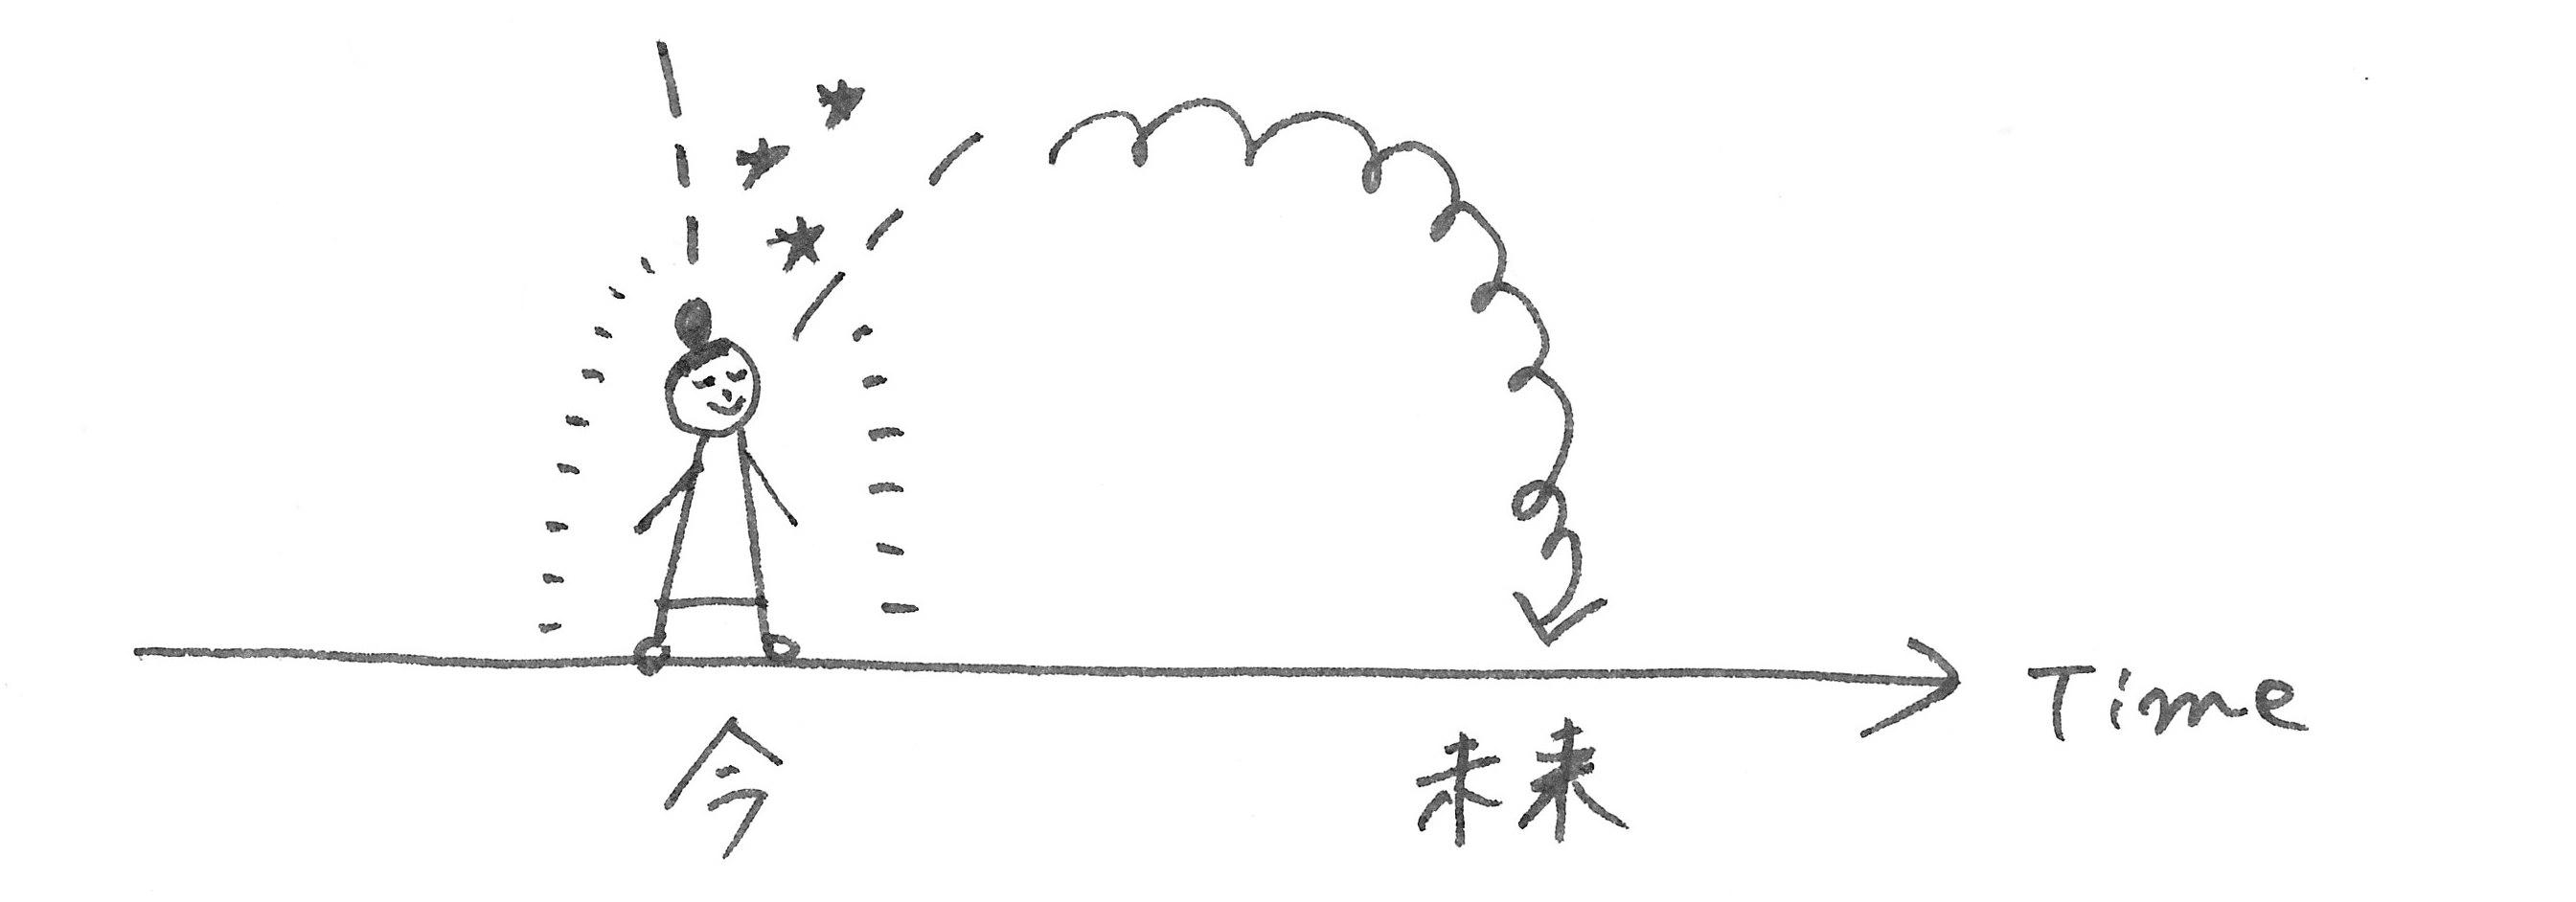 Happyちゃんの実現リモコン(引き寄せ)とエネルギー/人生を思い通りにする